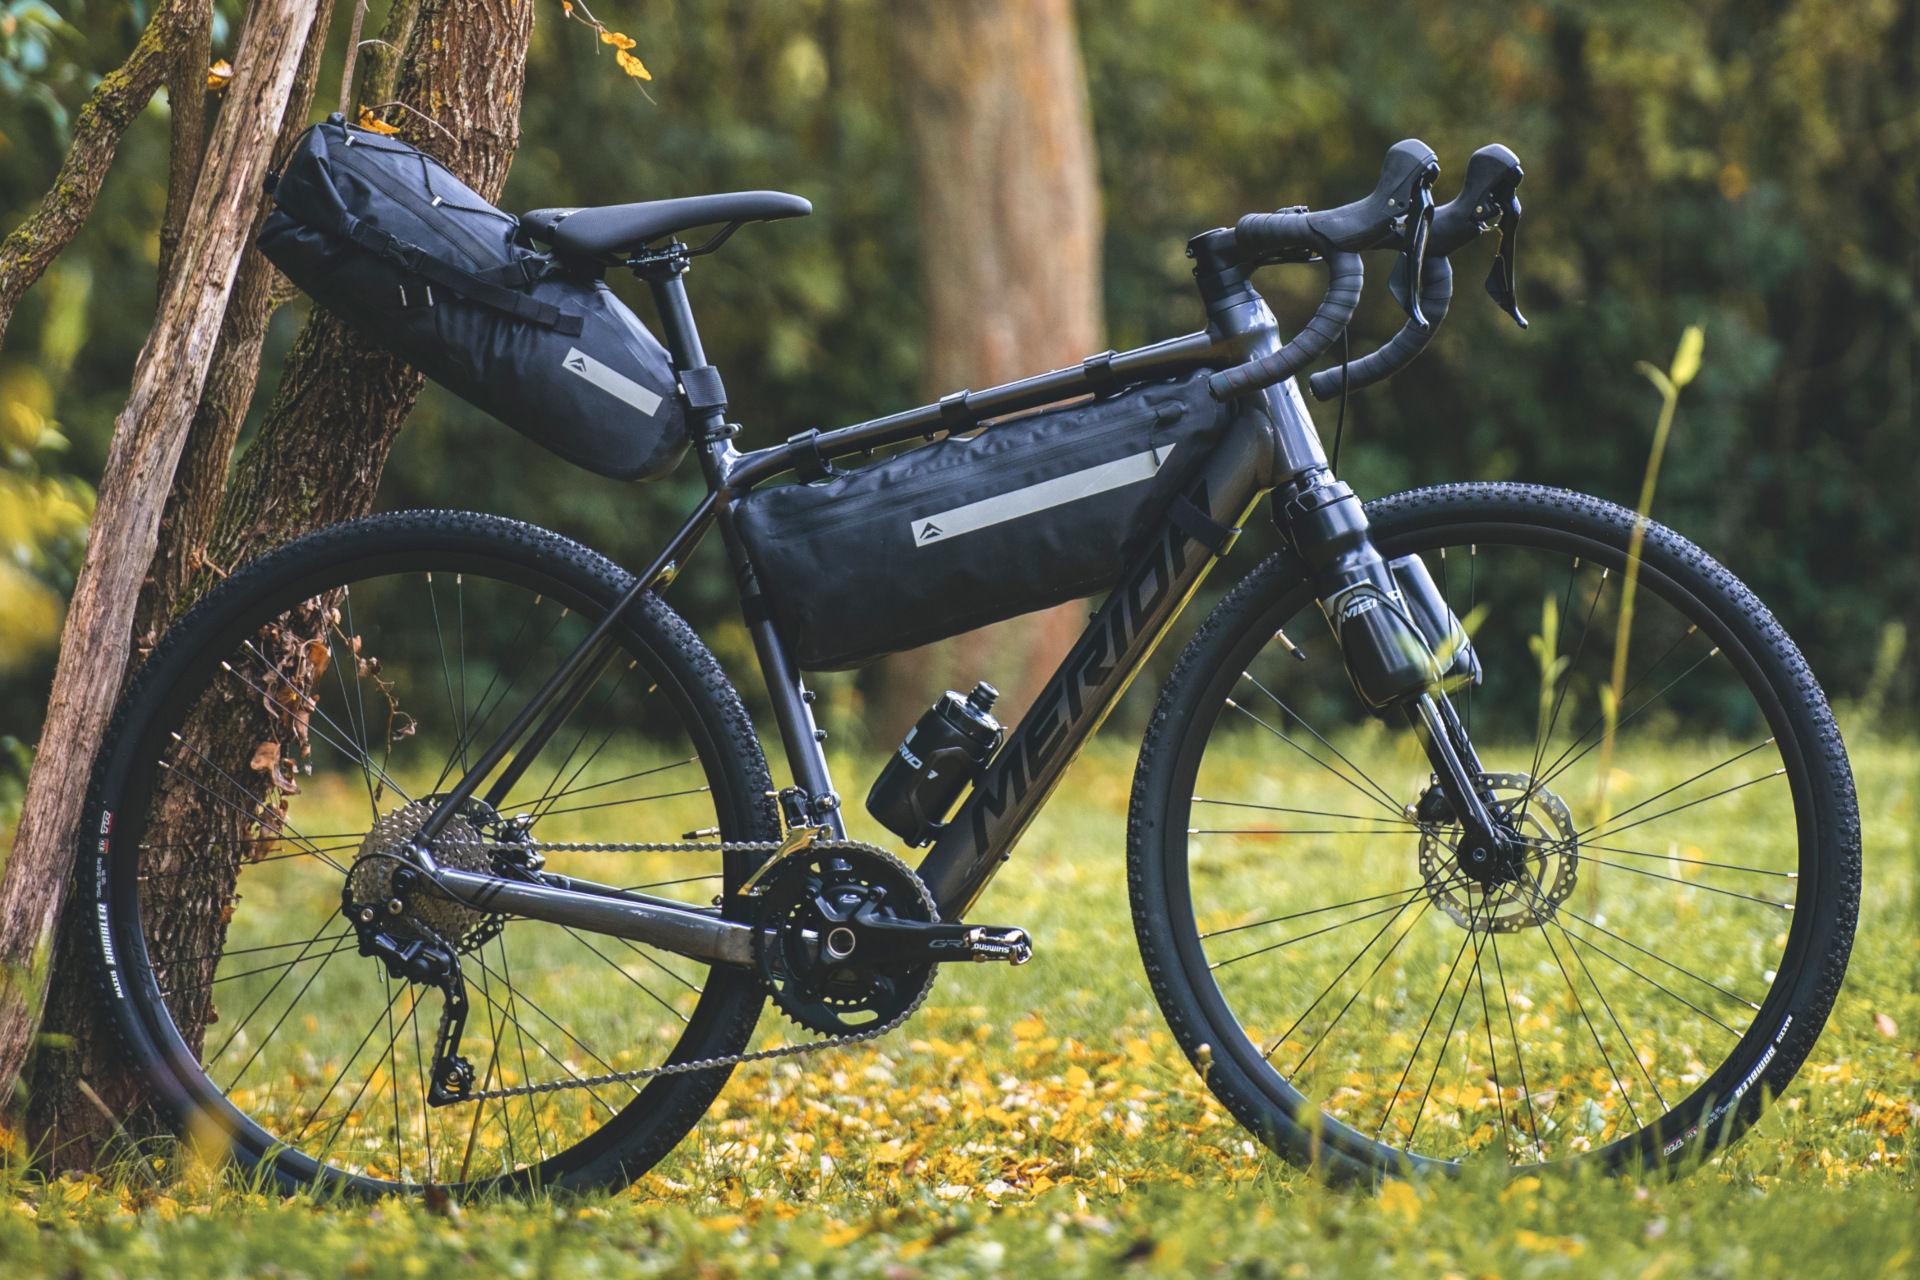 rower elektryczny, Merida eSilex, eSilex, ebike, rower elektryczny Merida, rowery elektryczne Merida, bikepacking, rower gravelowy, elektryczny rower gravelowy